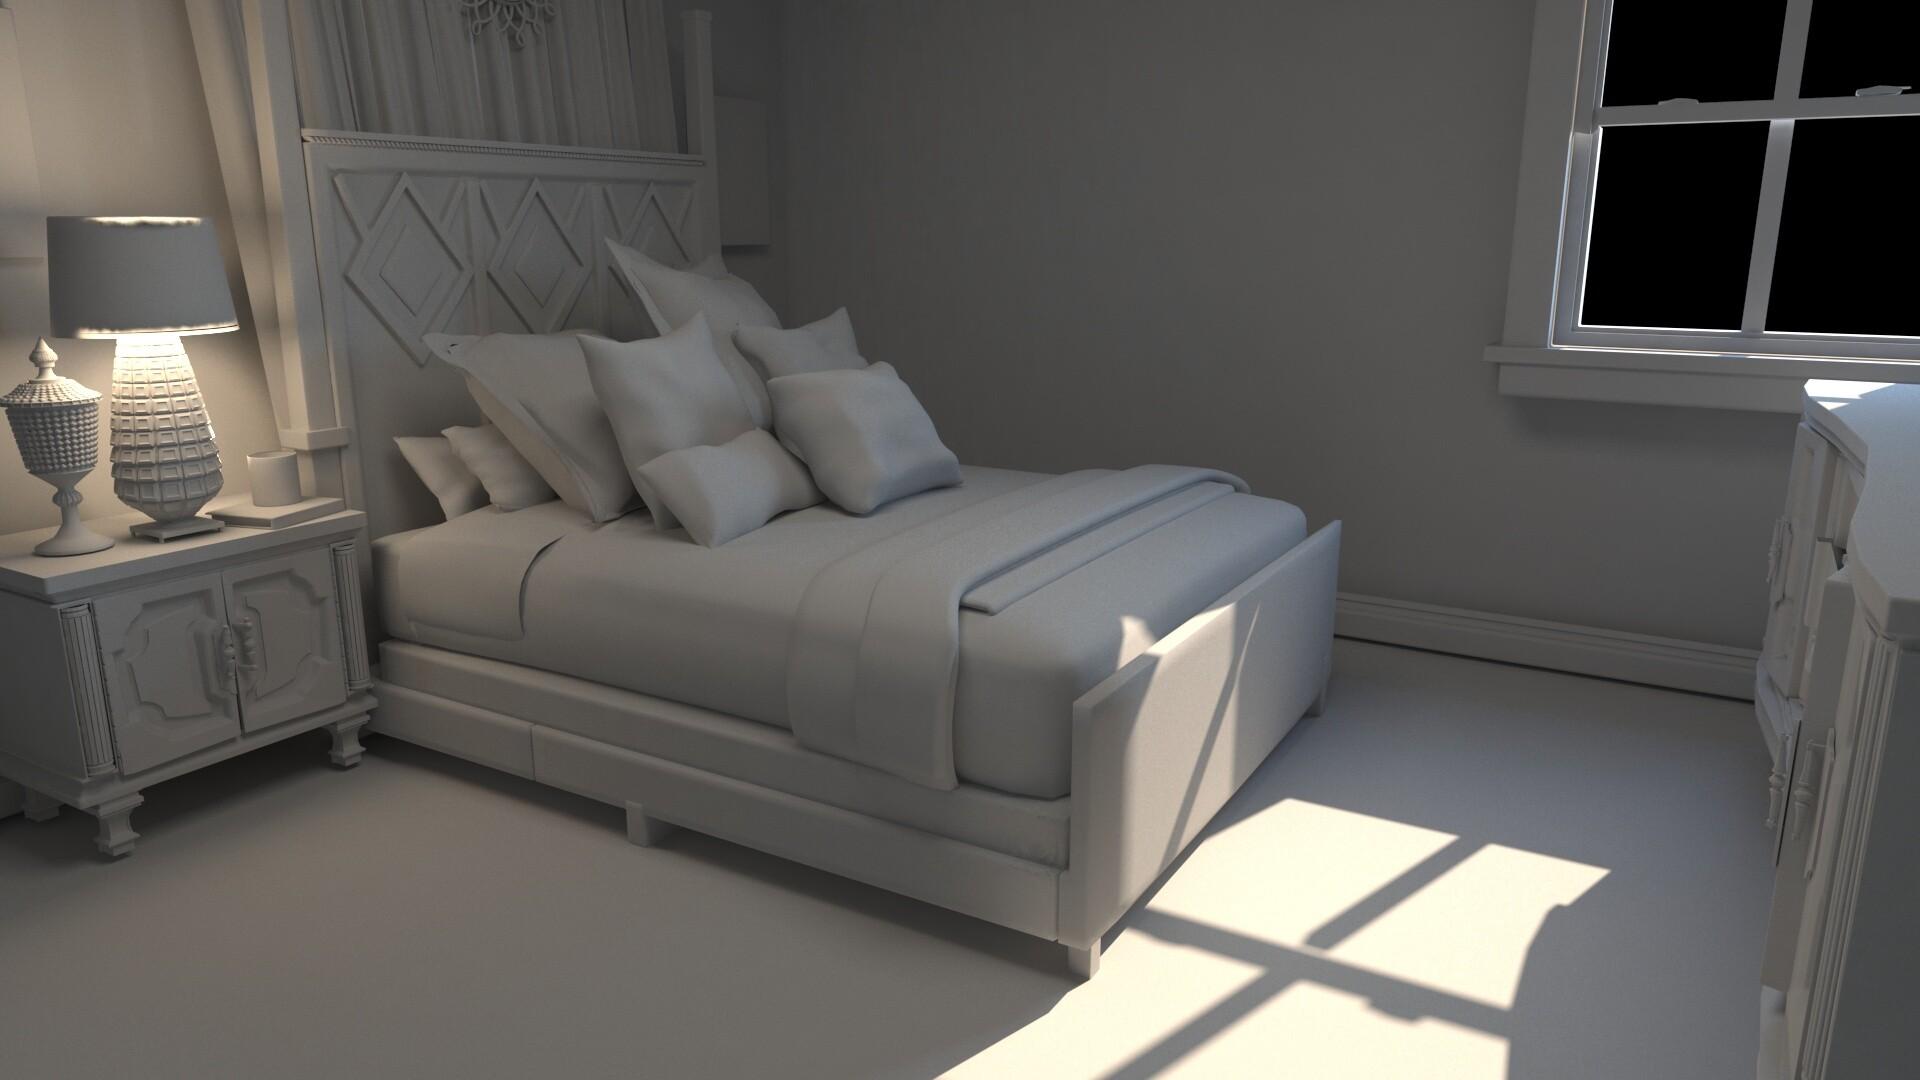 Fumi oshodi bedroom grey